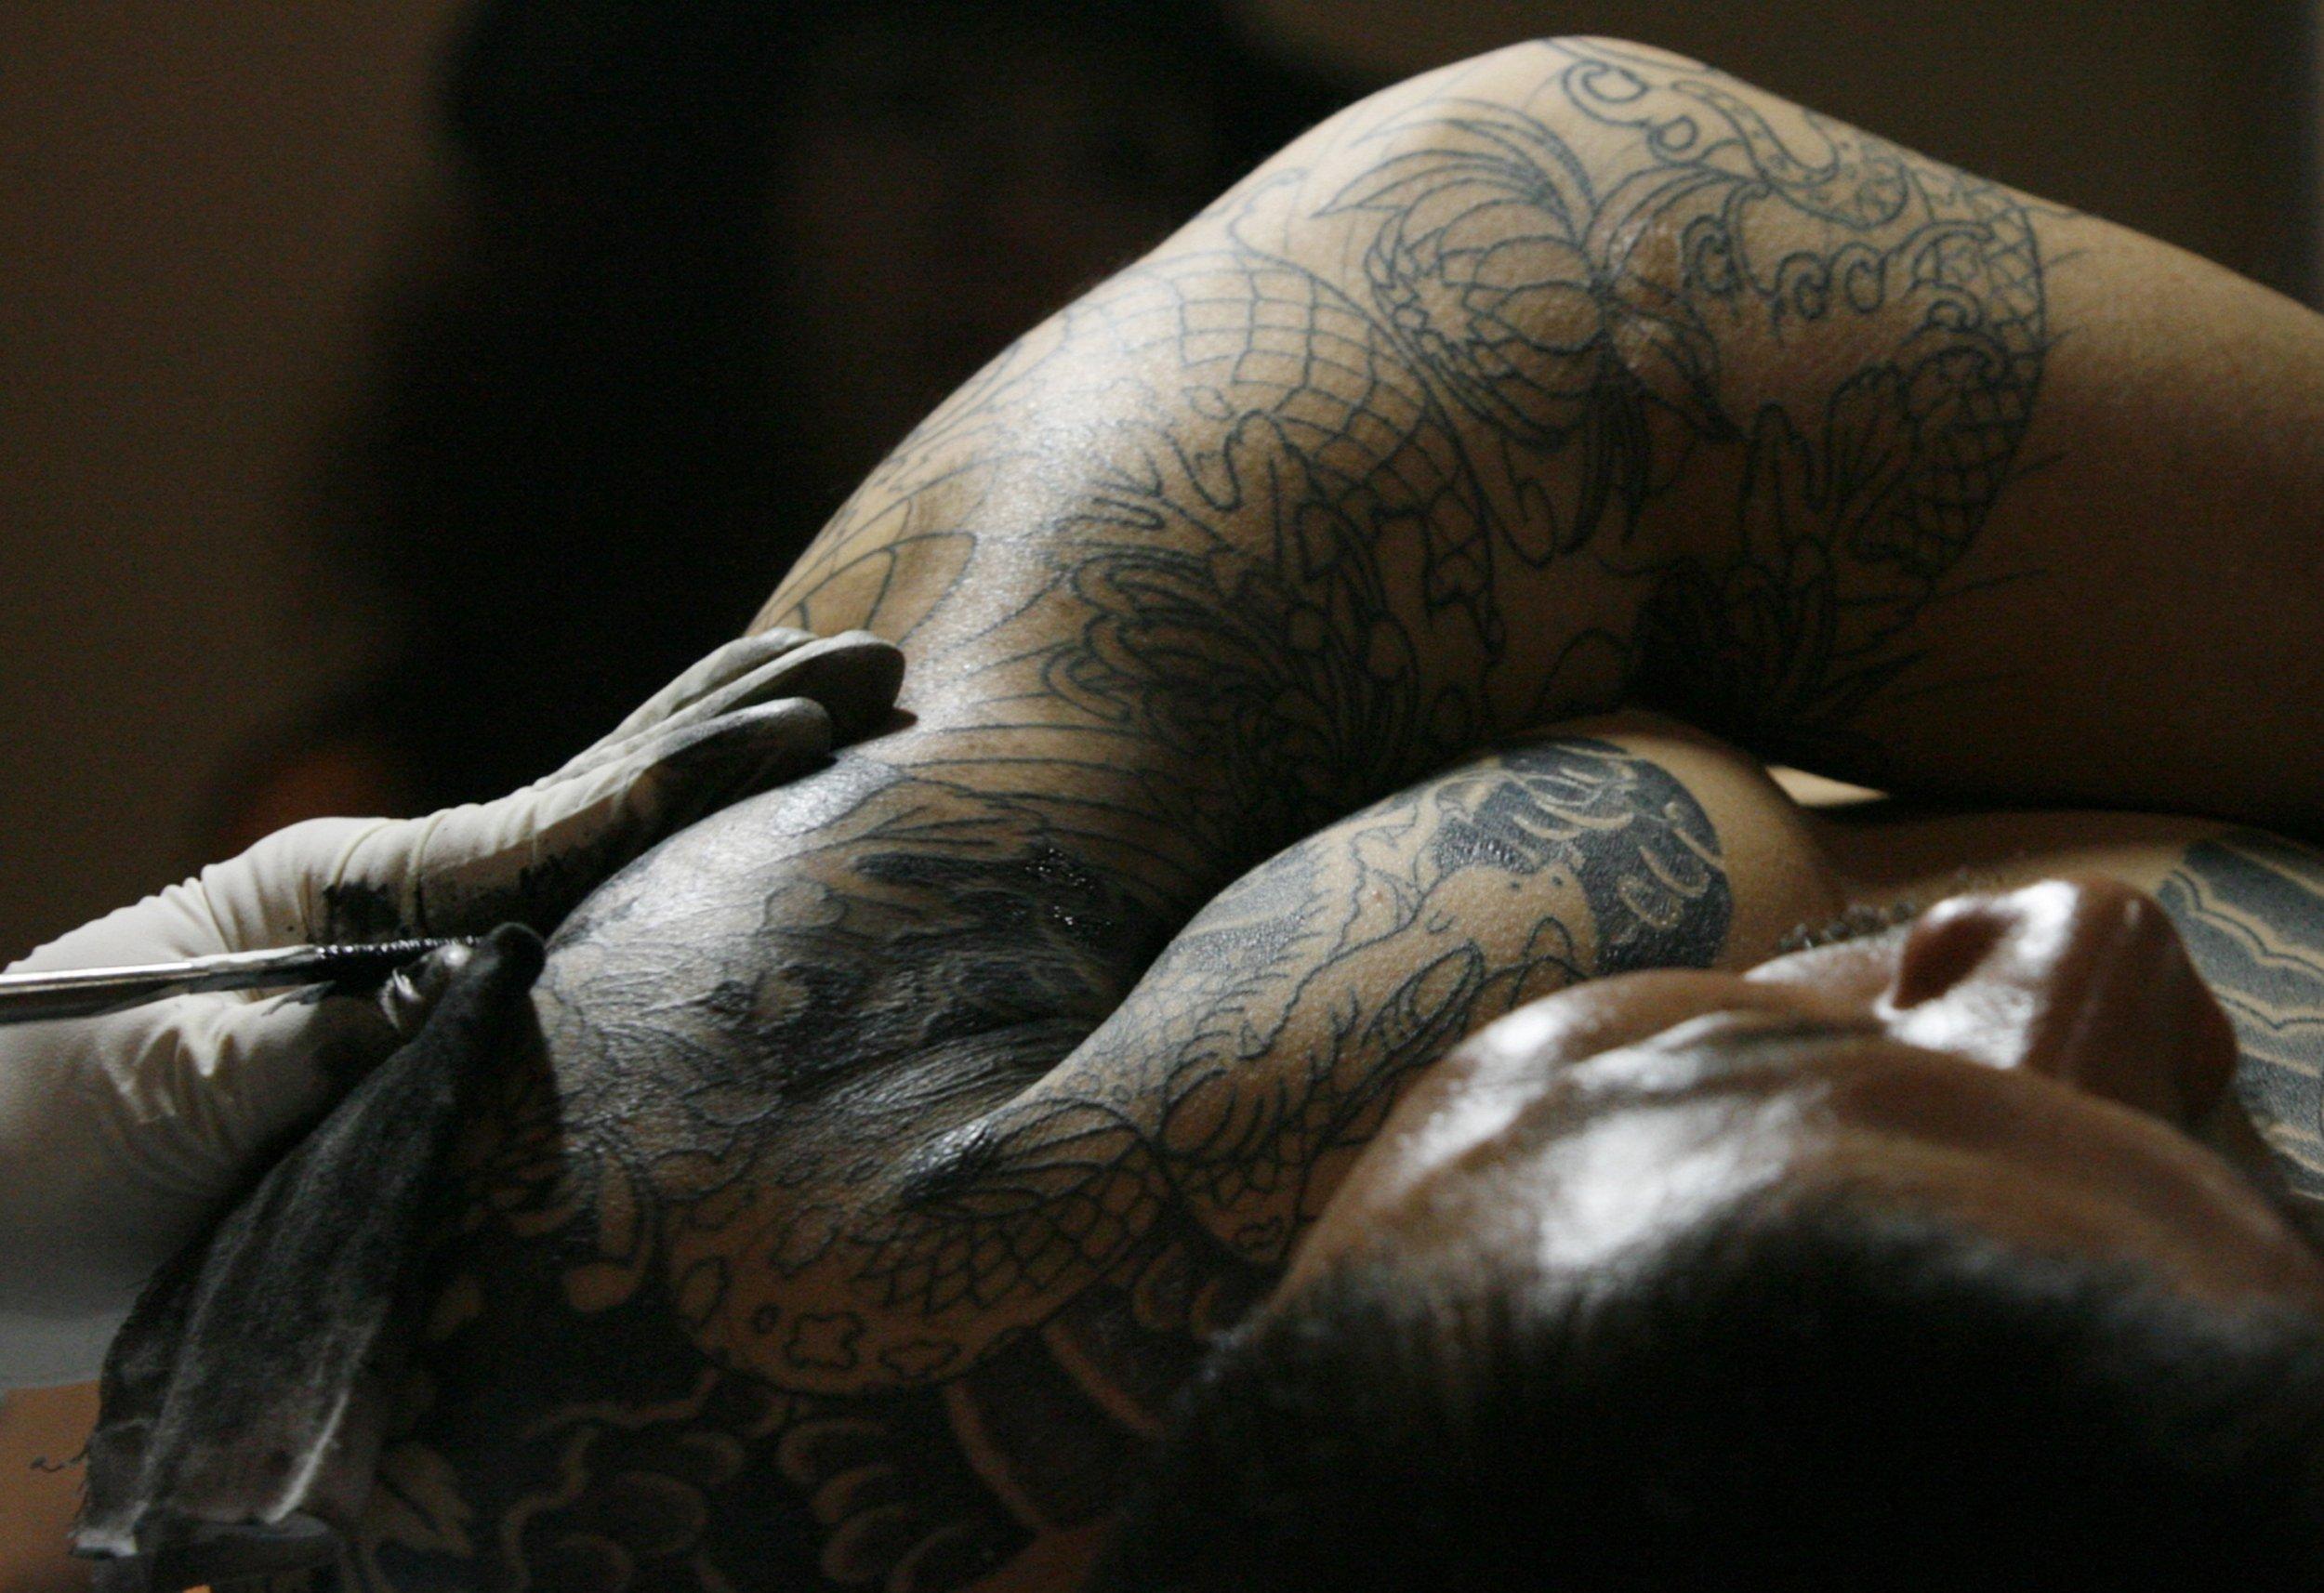 Man getting a tattoo